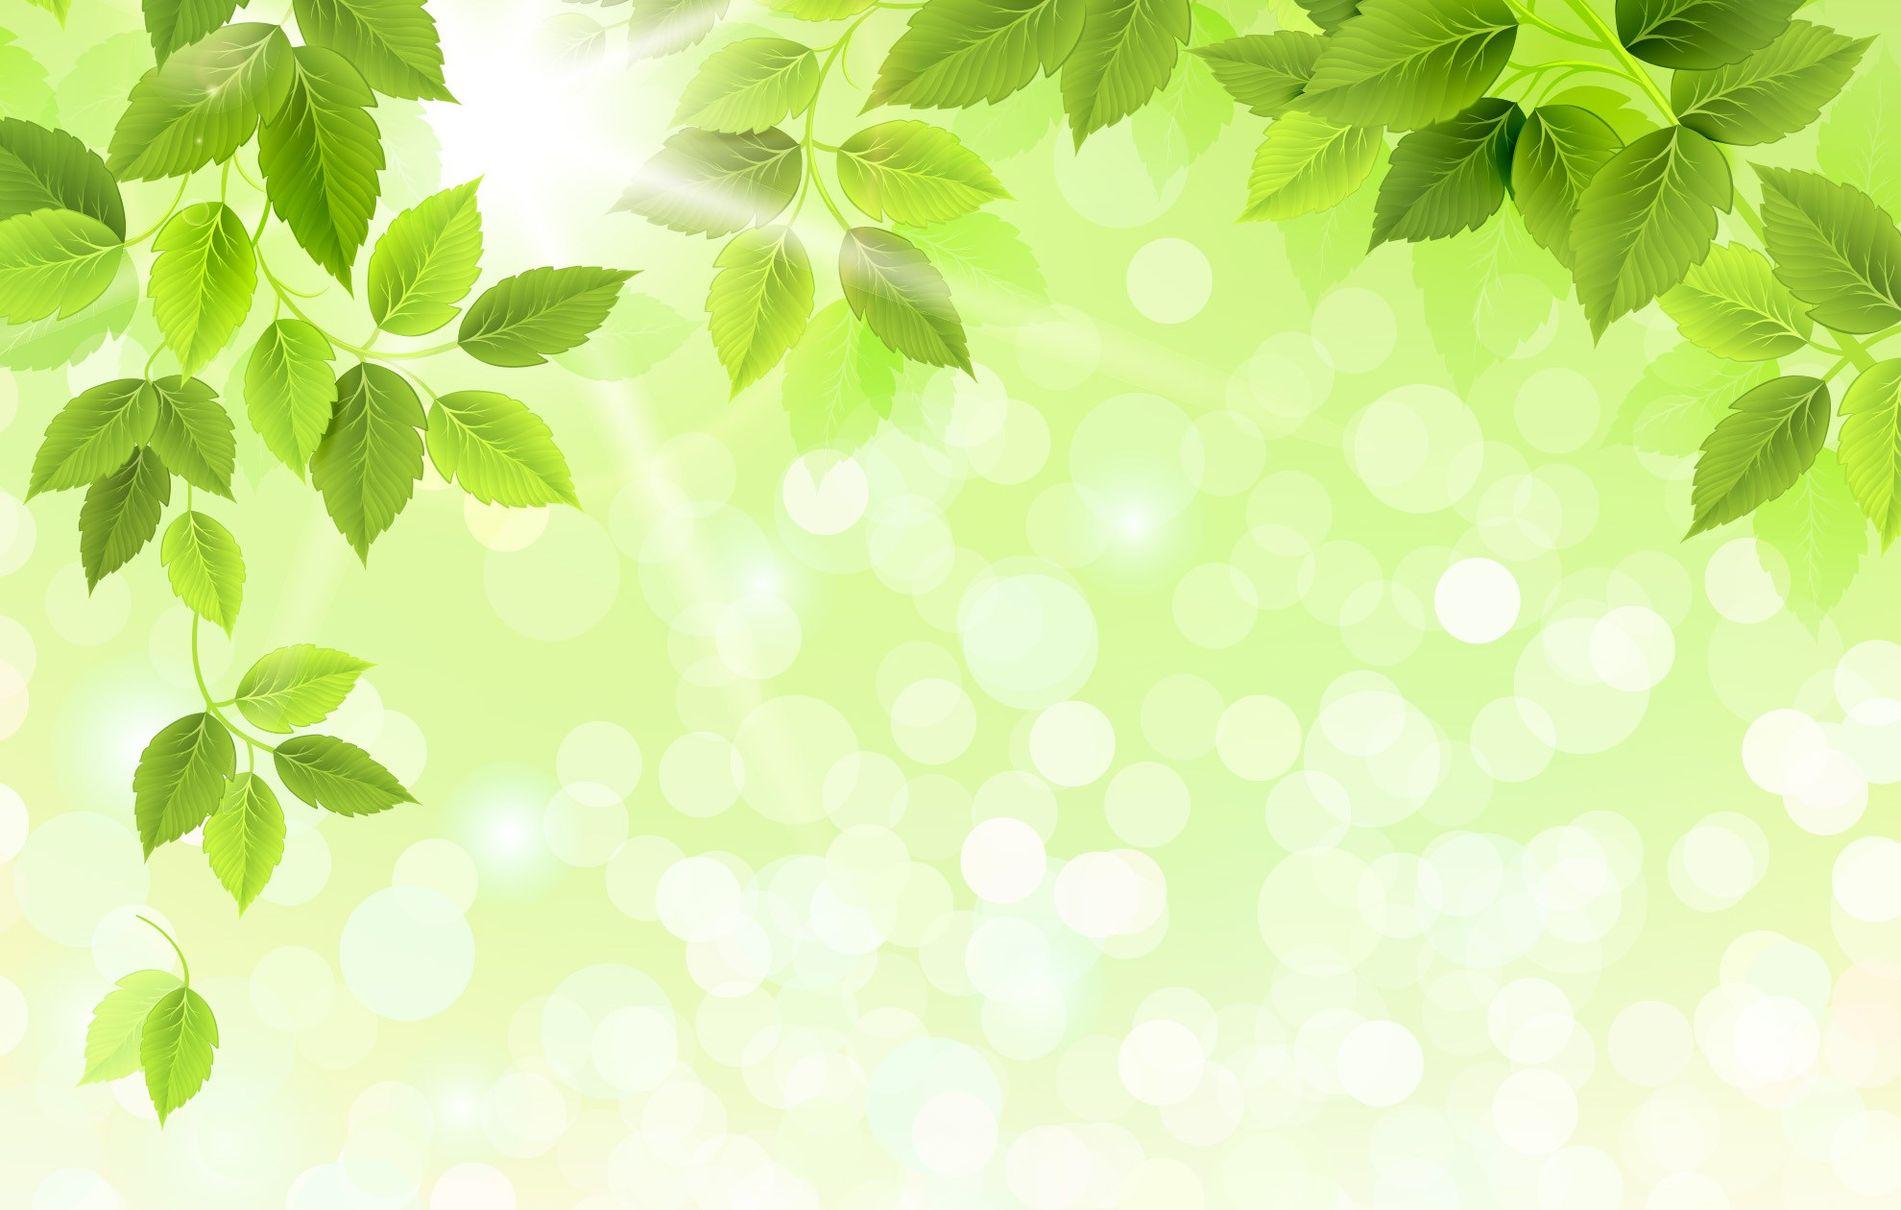 Про прикольные, картинки зеленый фон для презентации